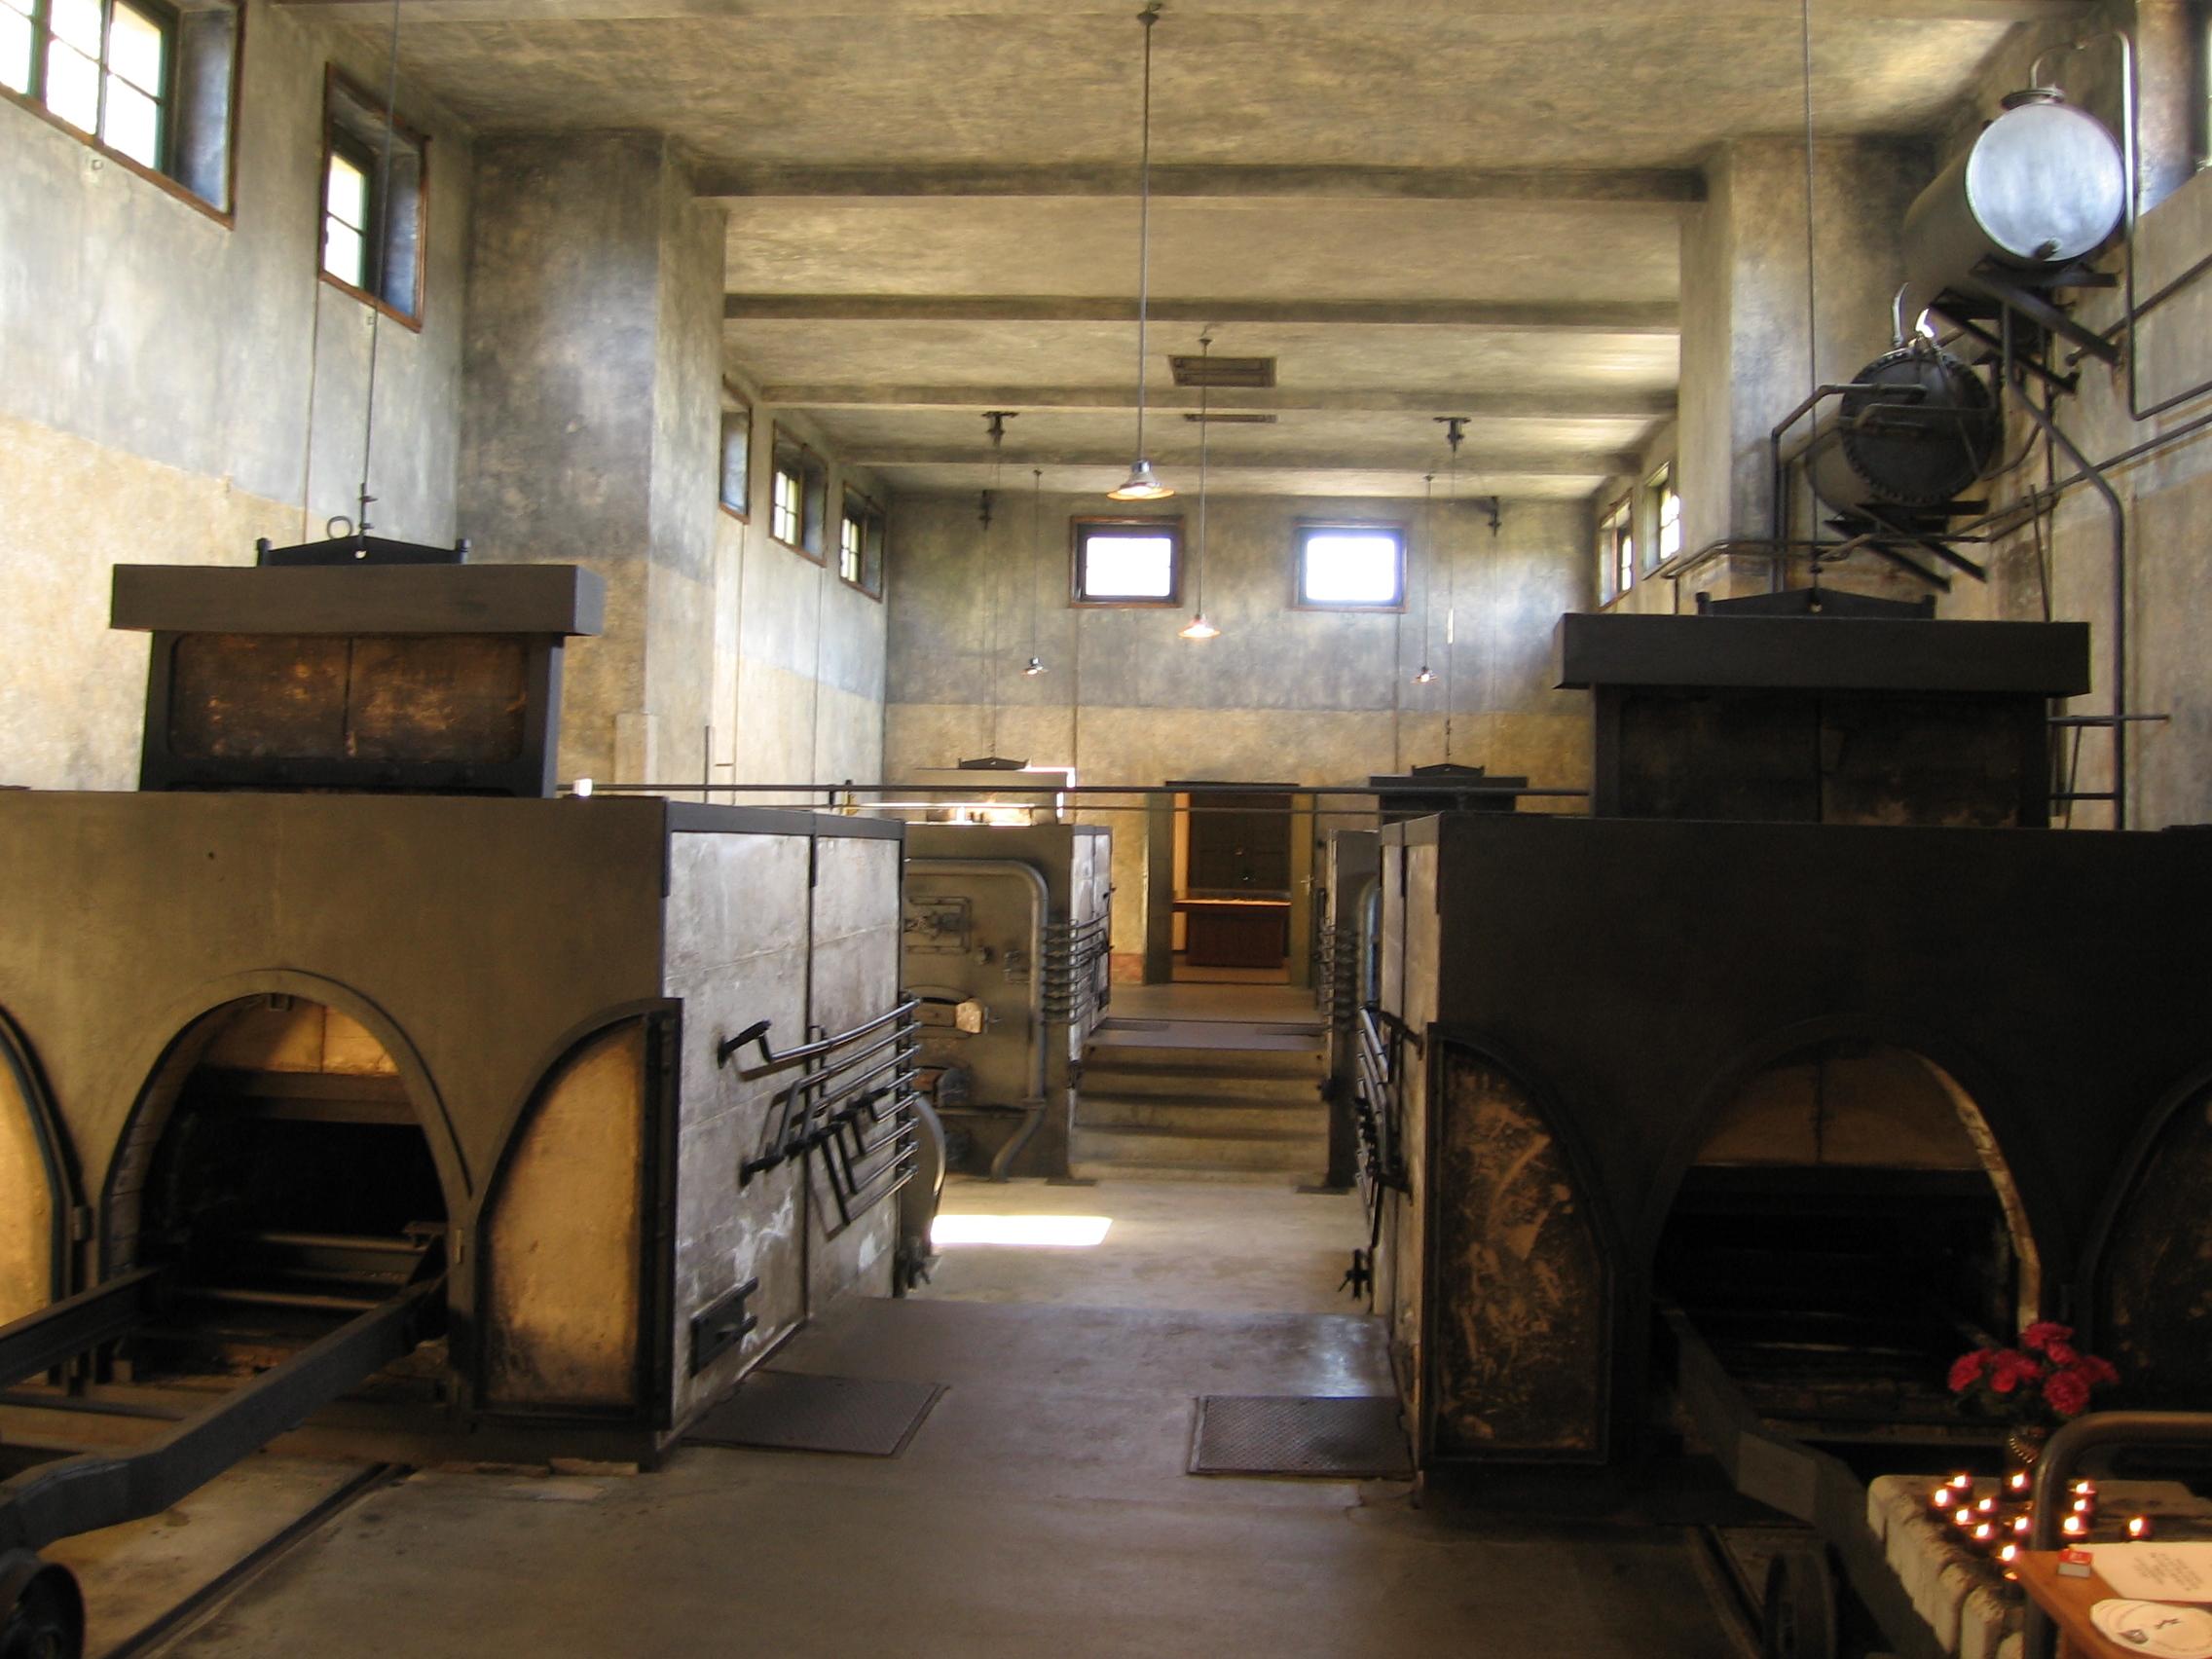 wird im krematorium wirklich alles verbrannt